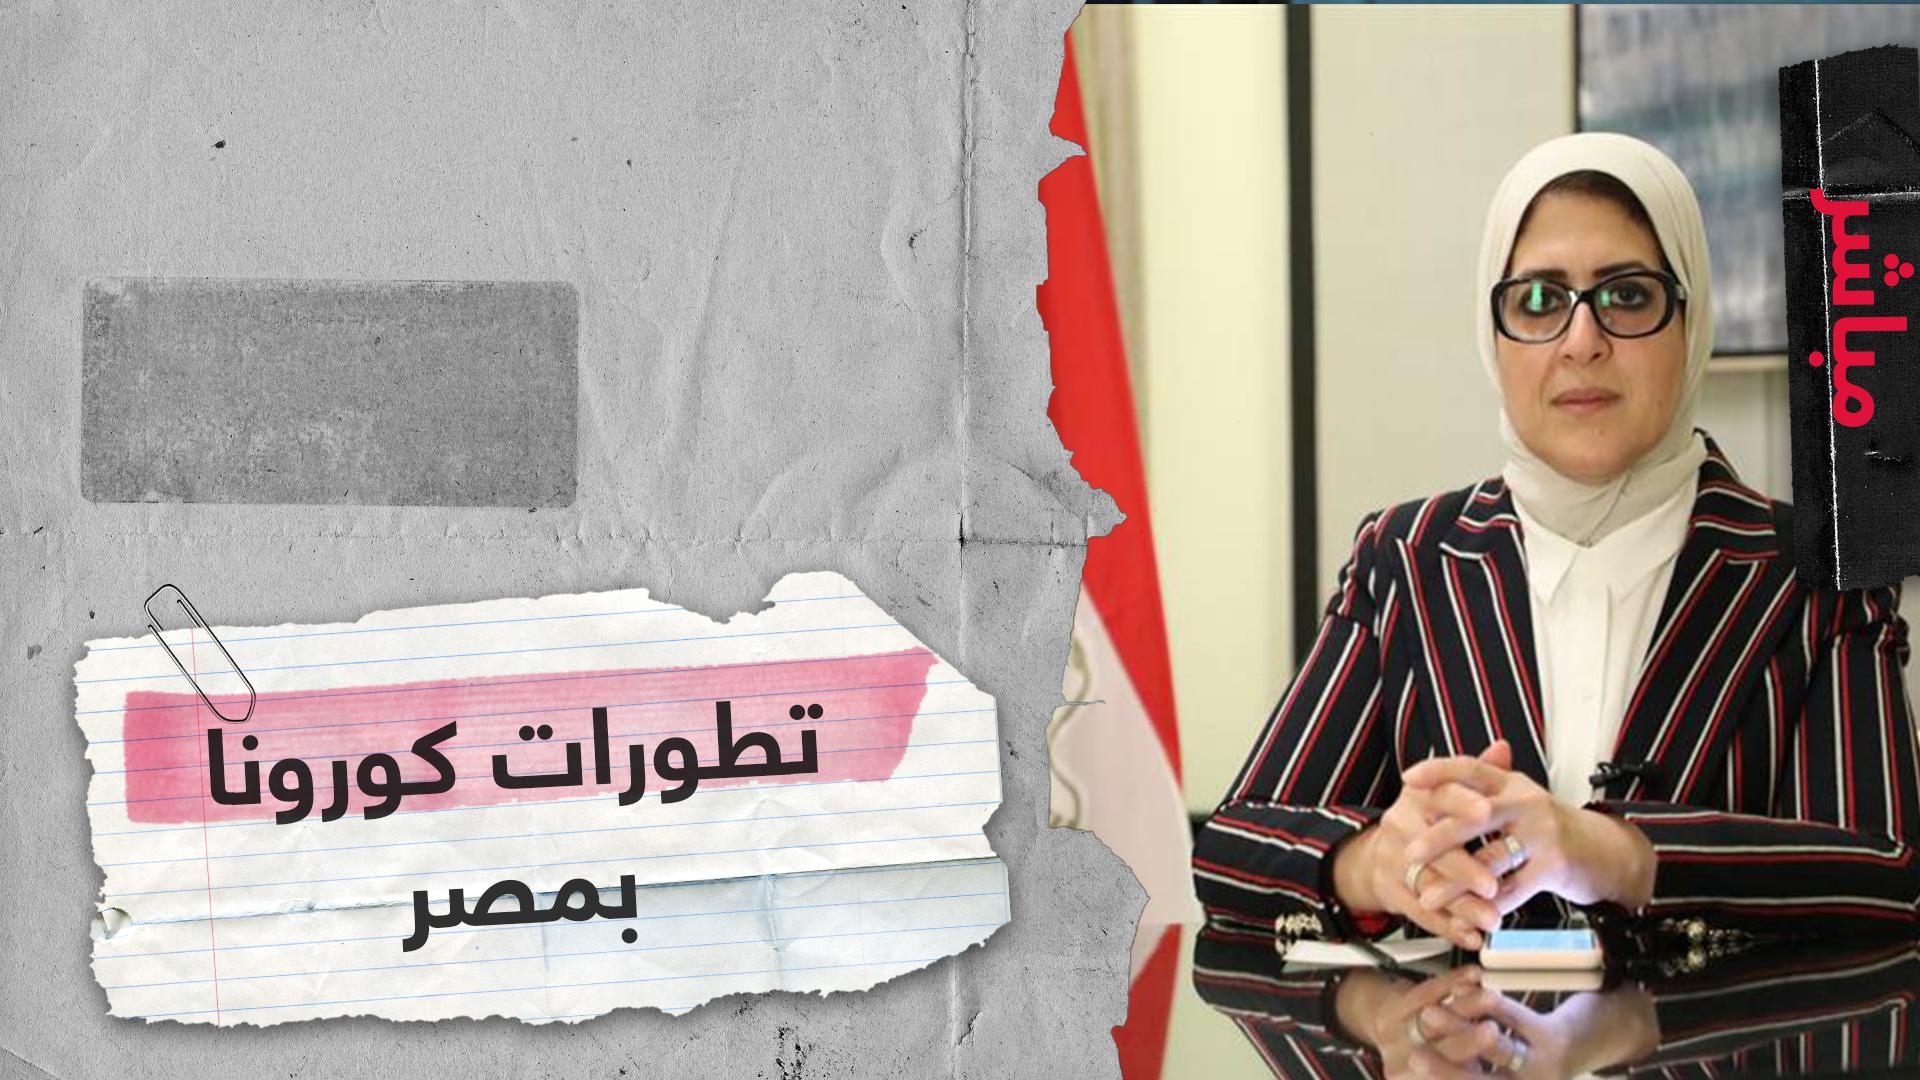 مصر تتوقع ذروة انتشار كورونا هذا الأسبوع